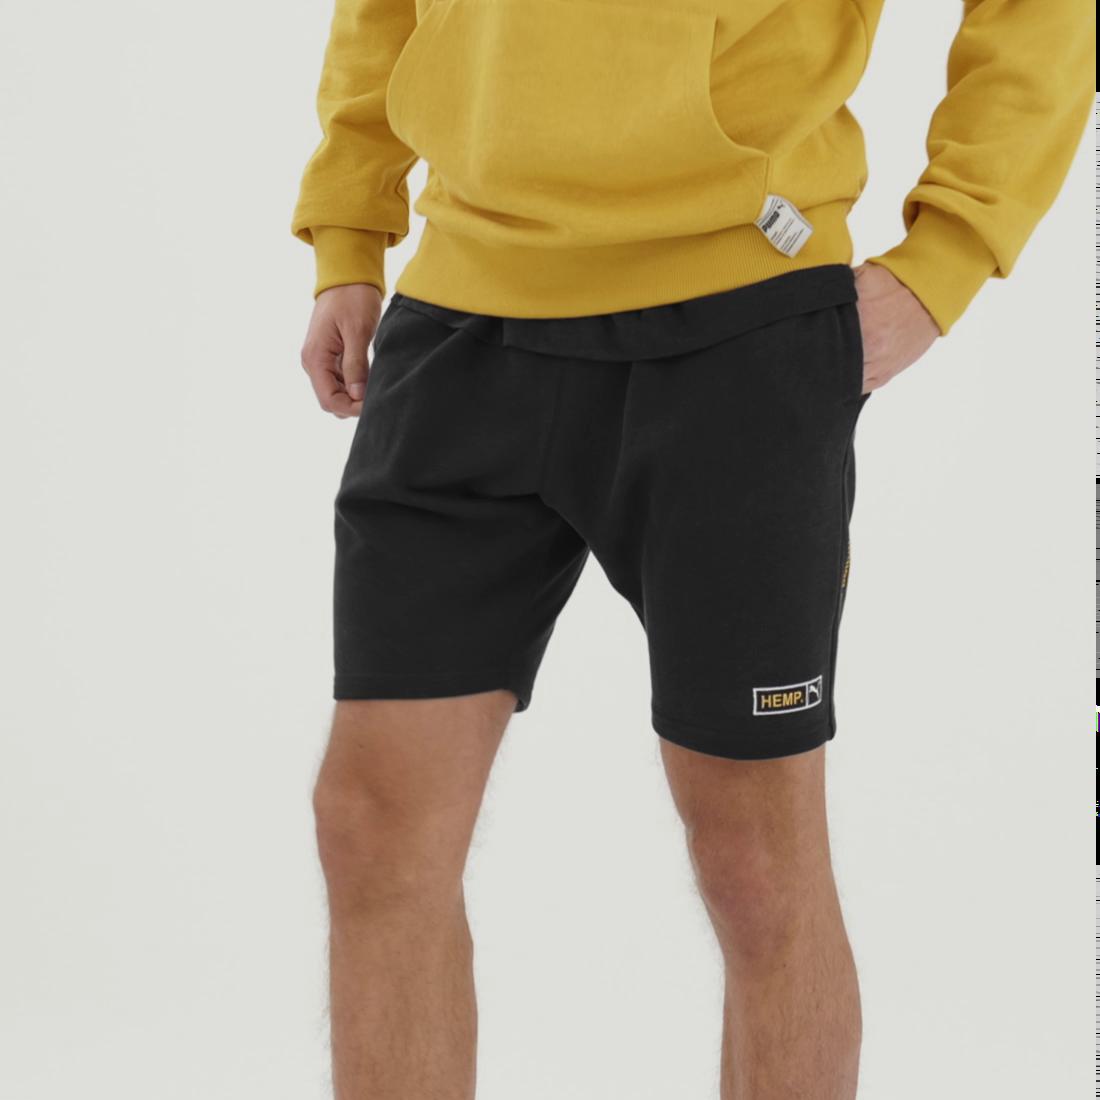 Imagen PUMA Shorts Hemp para hombre #7